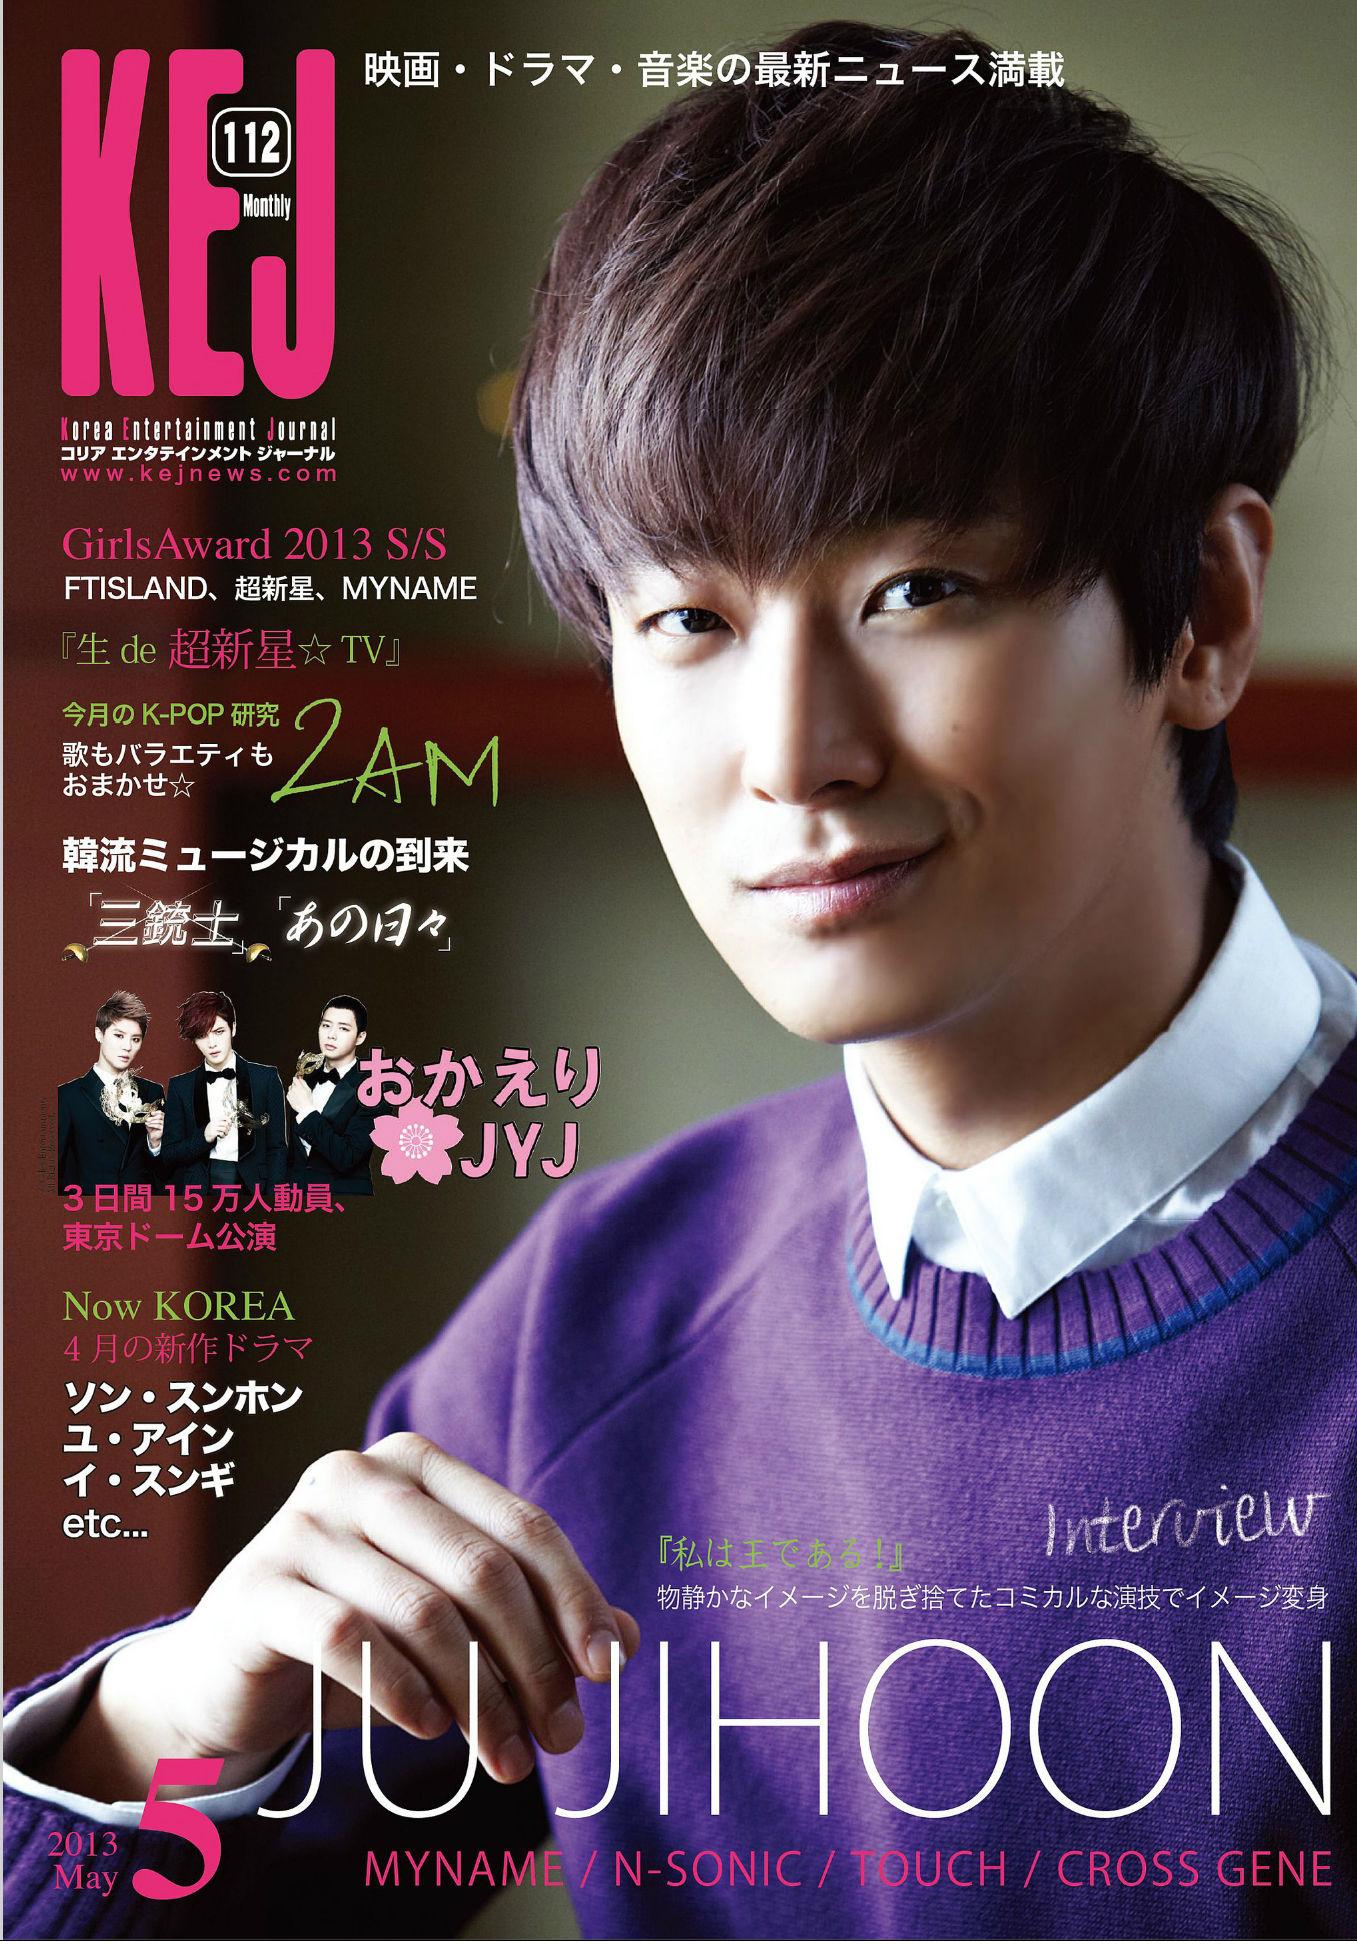 KEJ Vol.112封面01